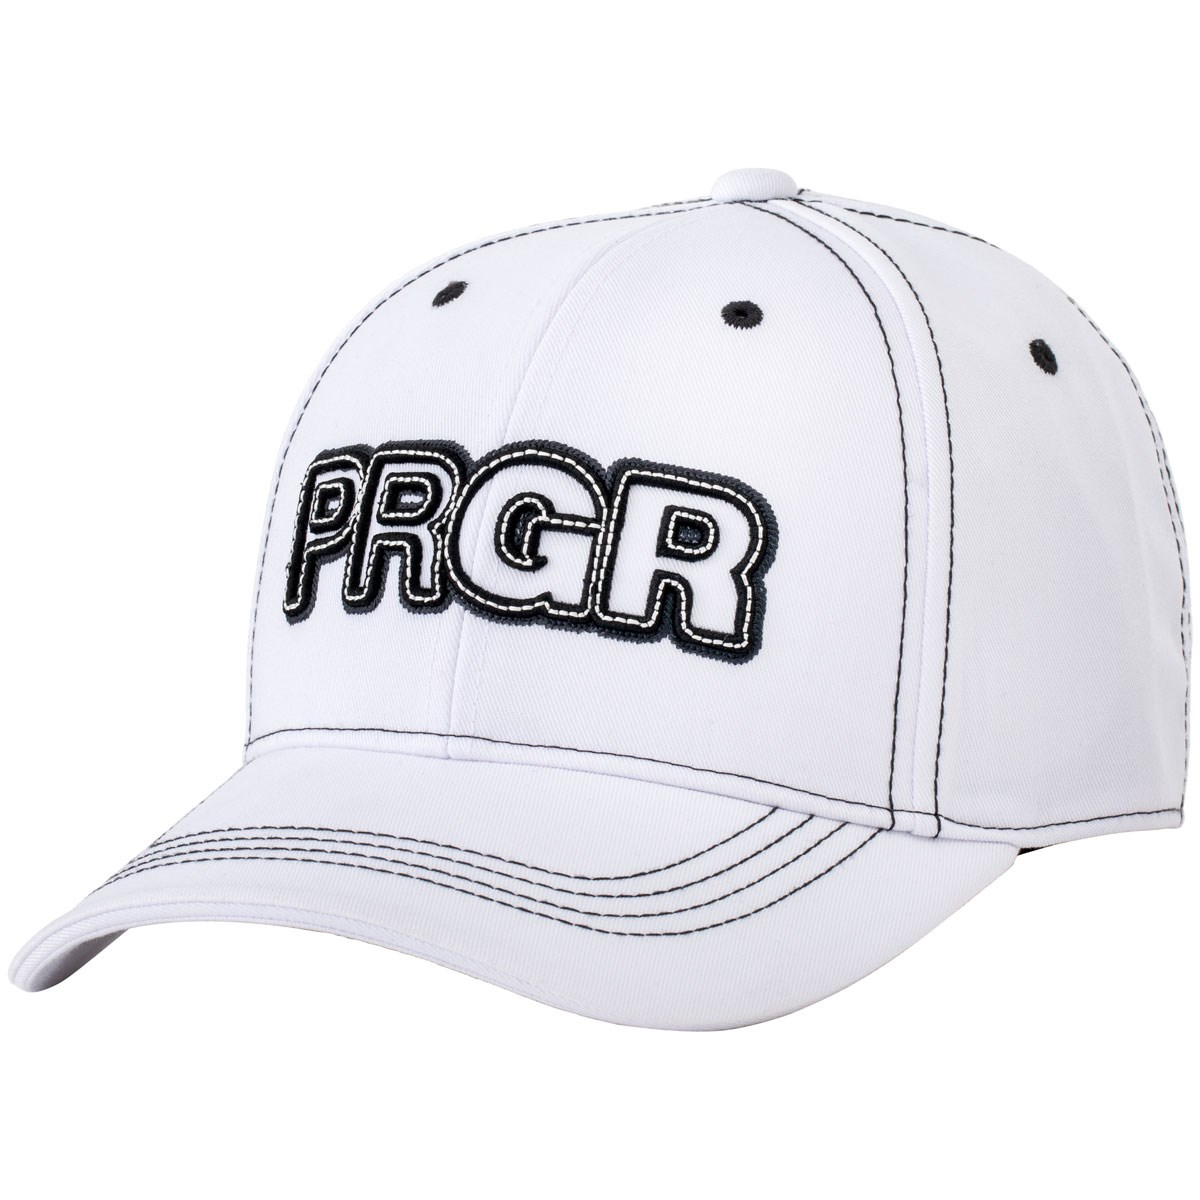 プロギア(PRGR) ステッチキャップ